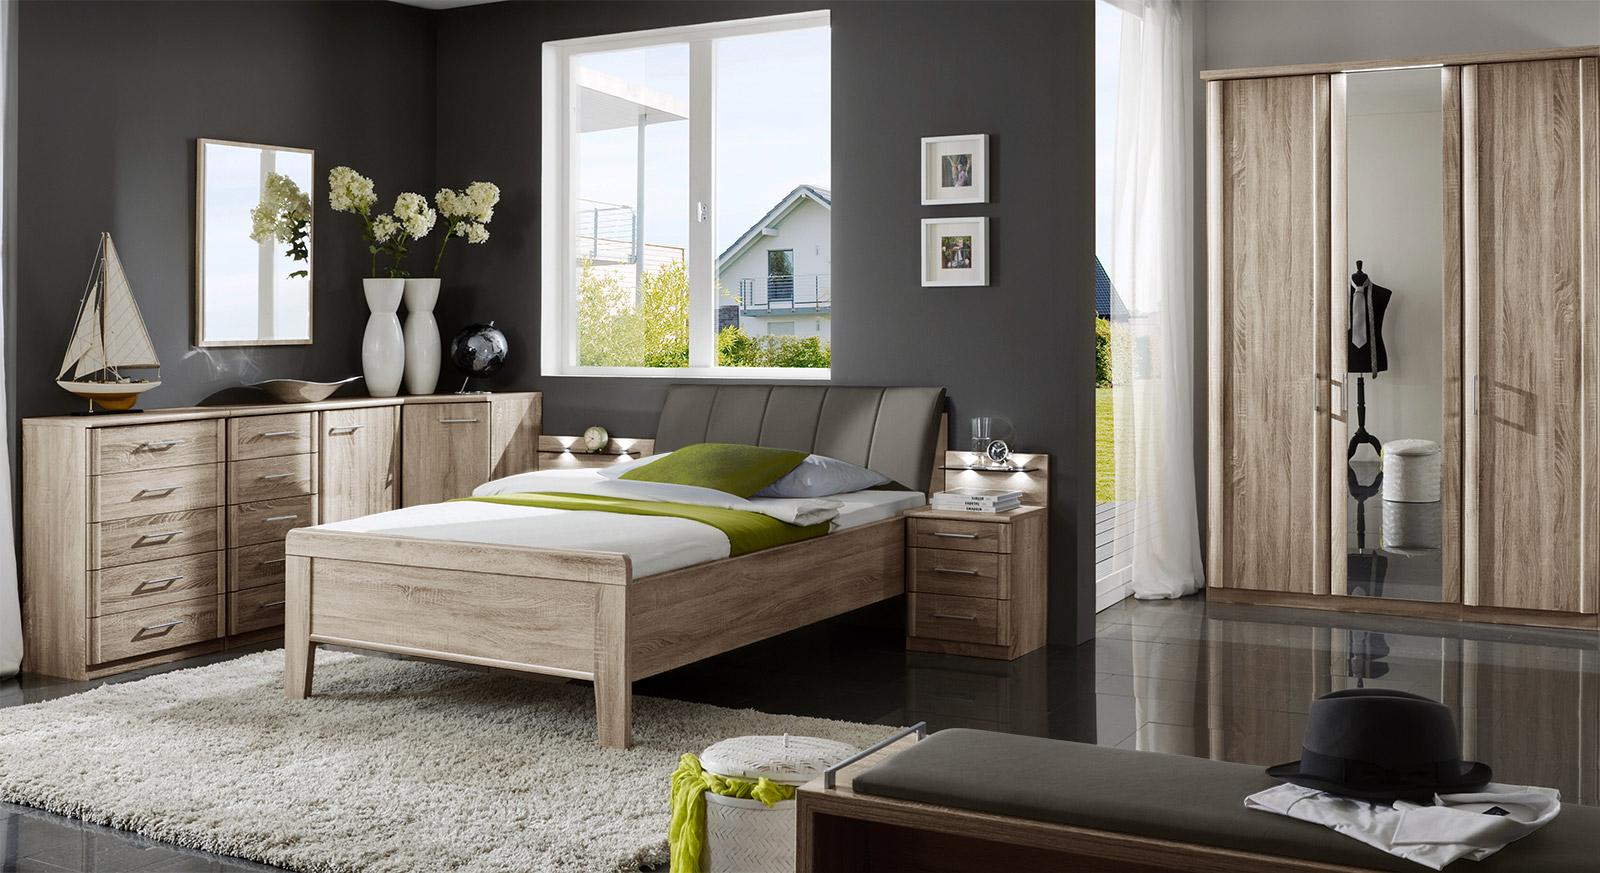 Komplett Schlafzimmer Runcorn aus Eiche Dekor mit passenden Produkten